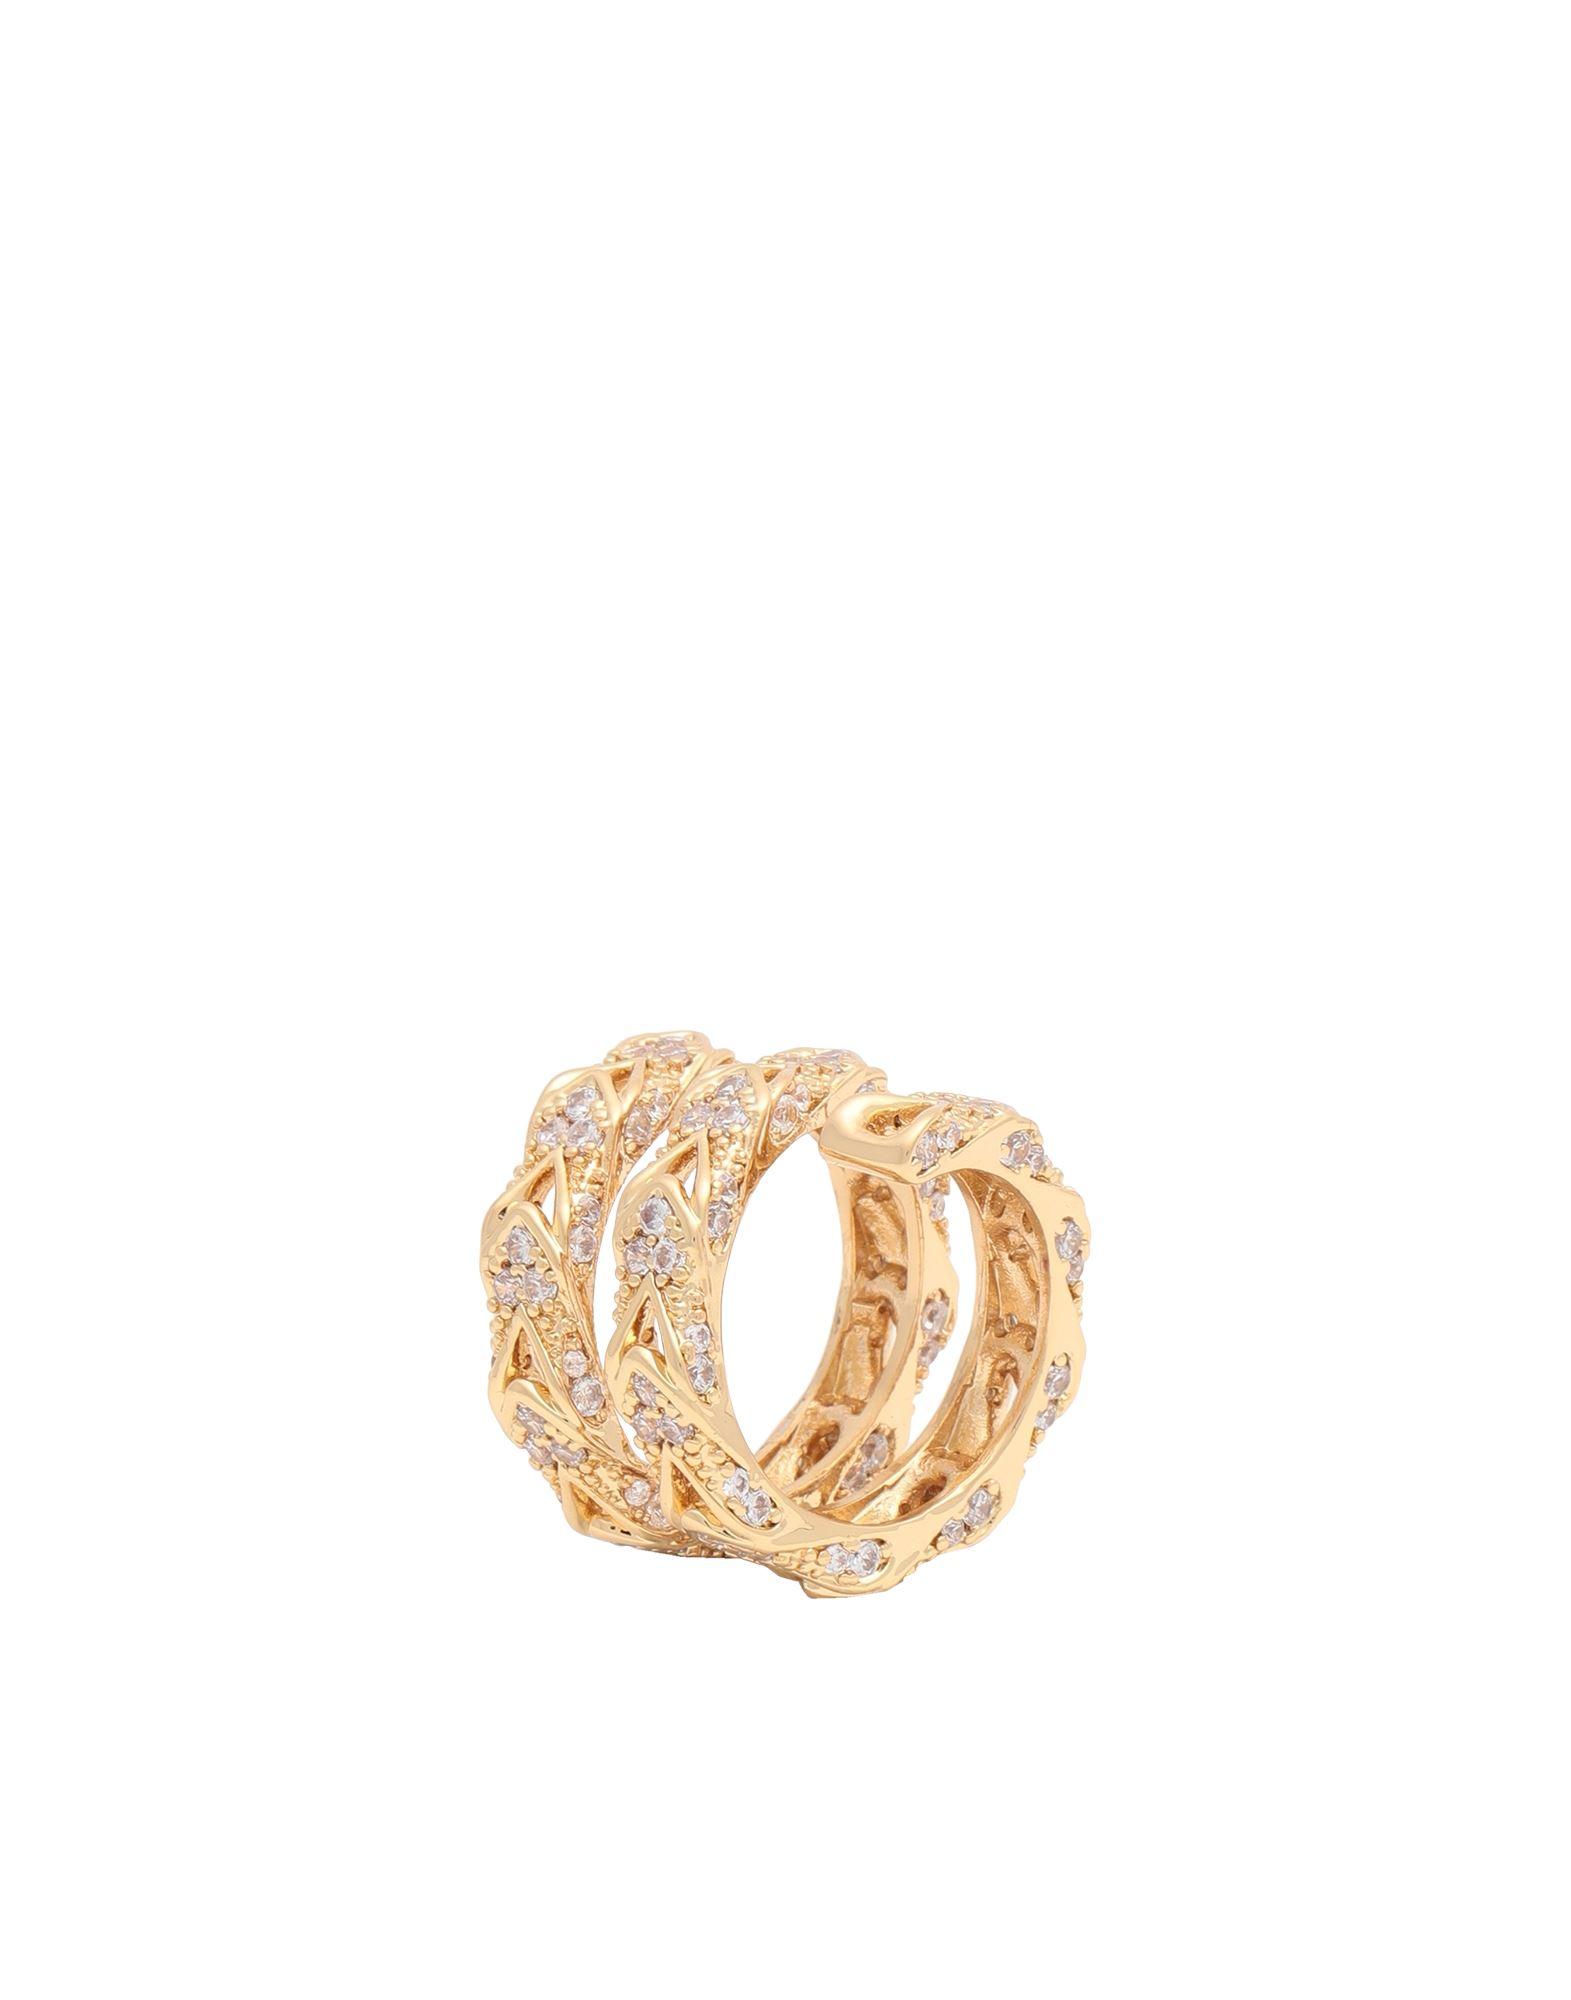 《セール開催中》CRYSTAL HAZE レディース 指輪 ゴールド 53 真鍮/ブラス / 18金メッキ / キュービックジルコニア ALEXIS-RING